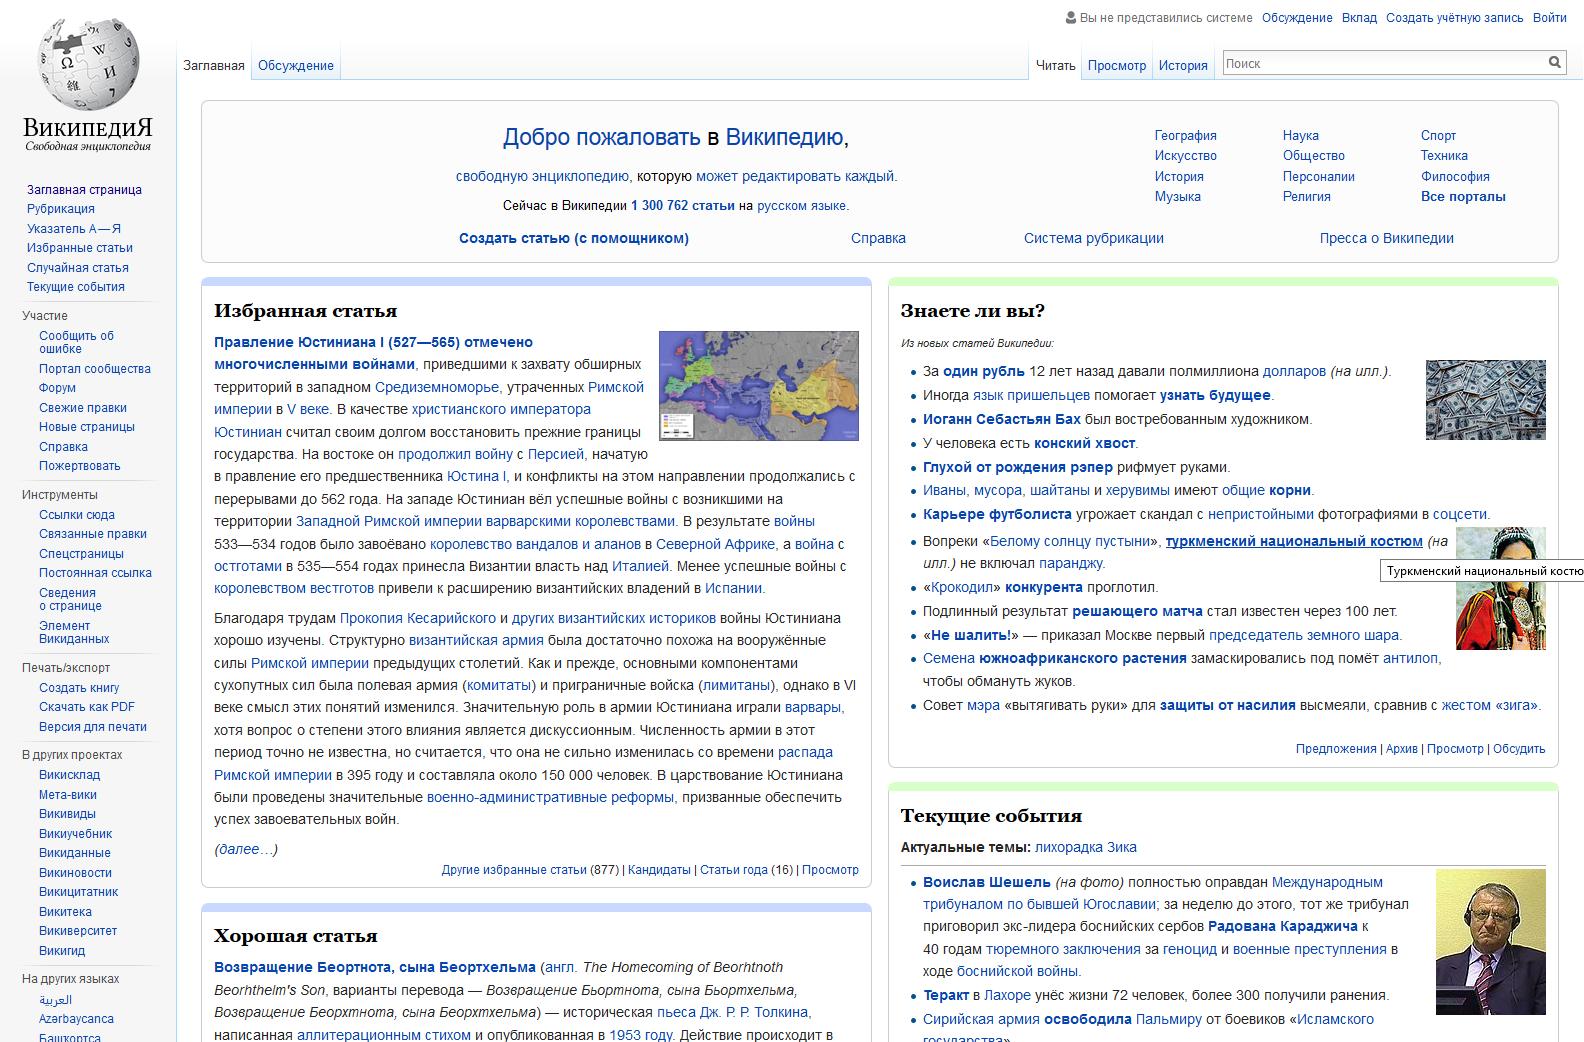 оформления сайта Википедия